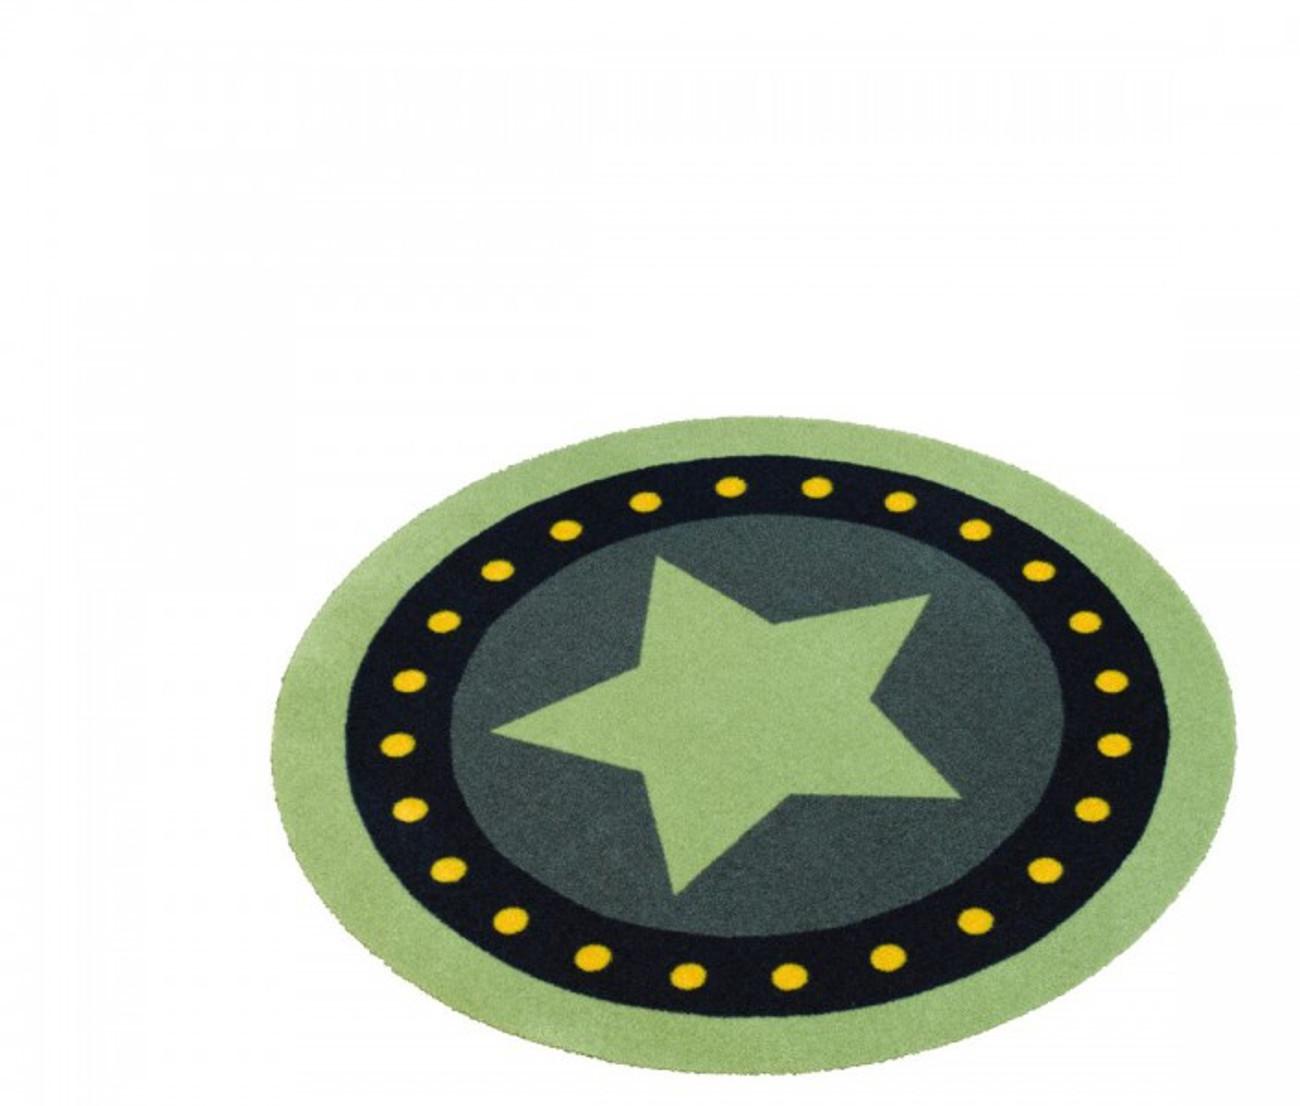 Kinderteppich grün mit stern  Velours Kinder Teppich Stern grün rund 100 cm | 102304 Teppiche